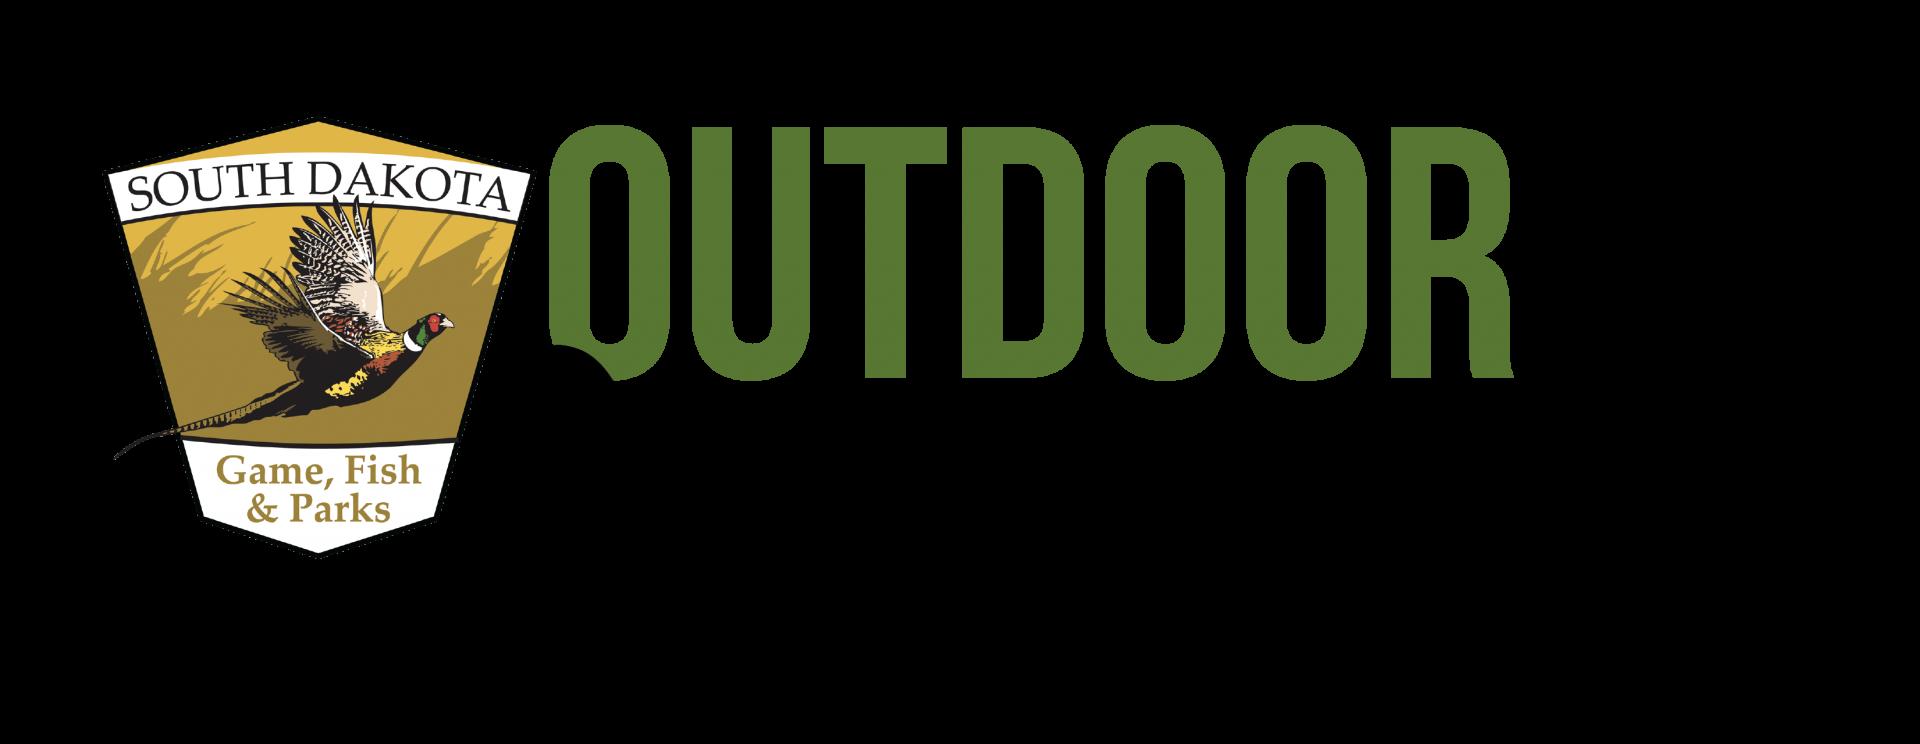 Outdoor Campus - Rapid City